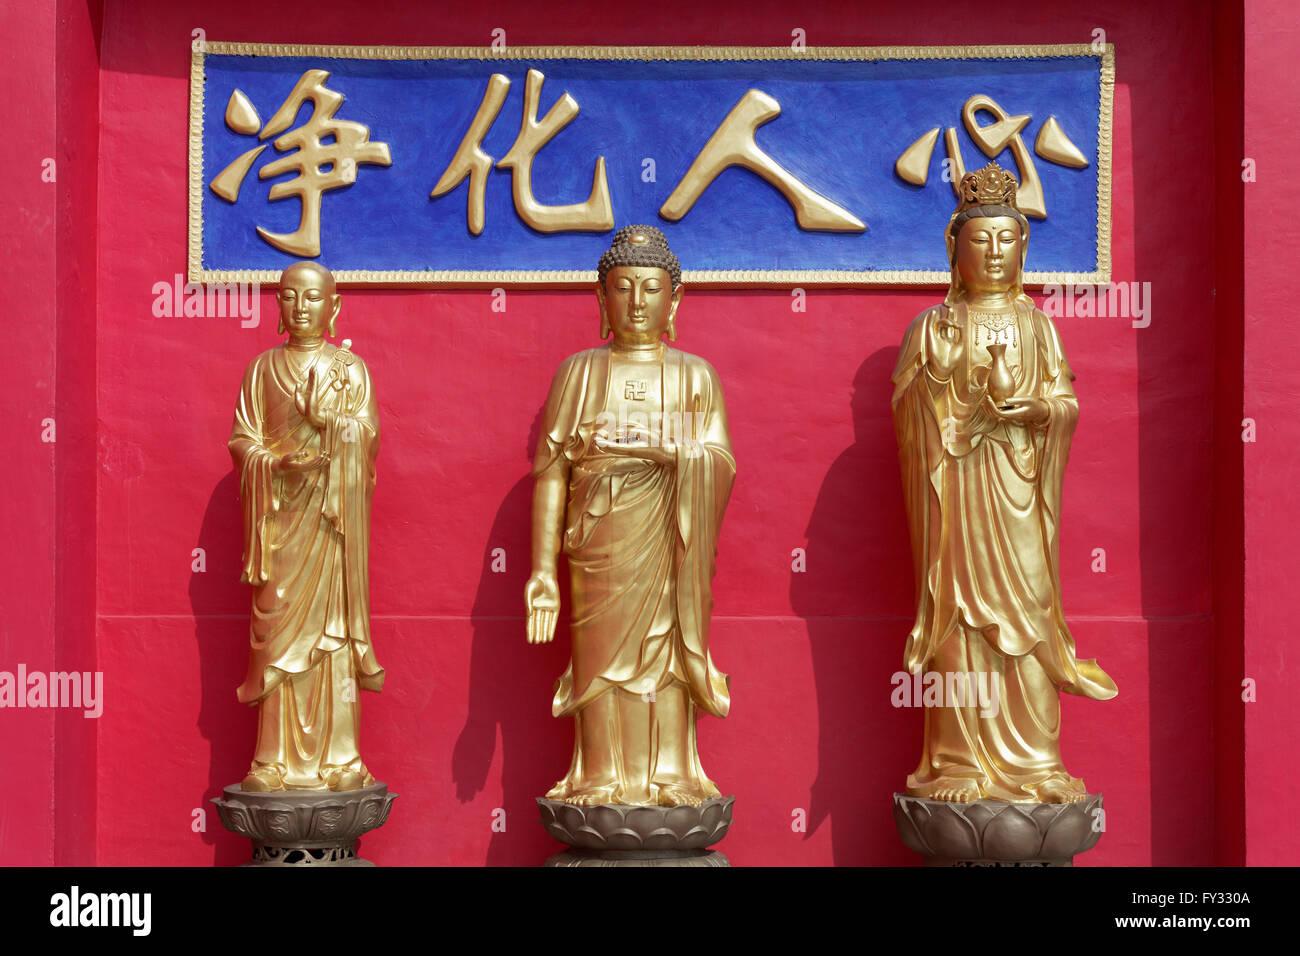 Buddhas Koon Yum, Yao Shi Fo and Di Zhang, golden statues, Ten Thousand Buddhas Monastery, Sha Tin, New Territories, - Stock Image